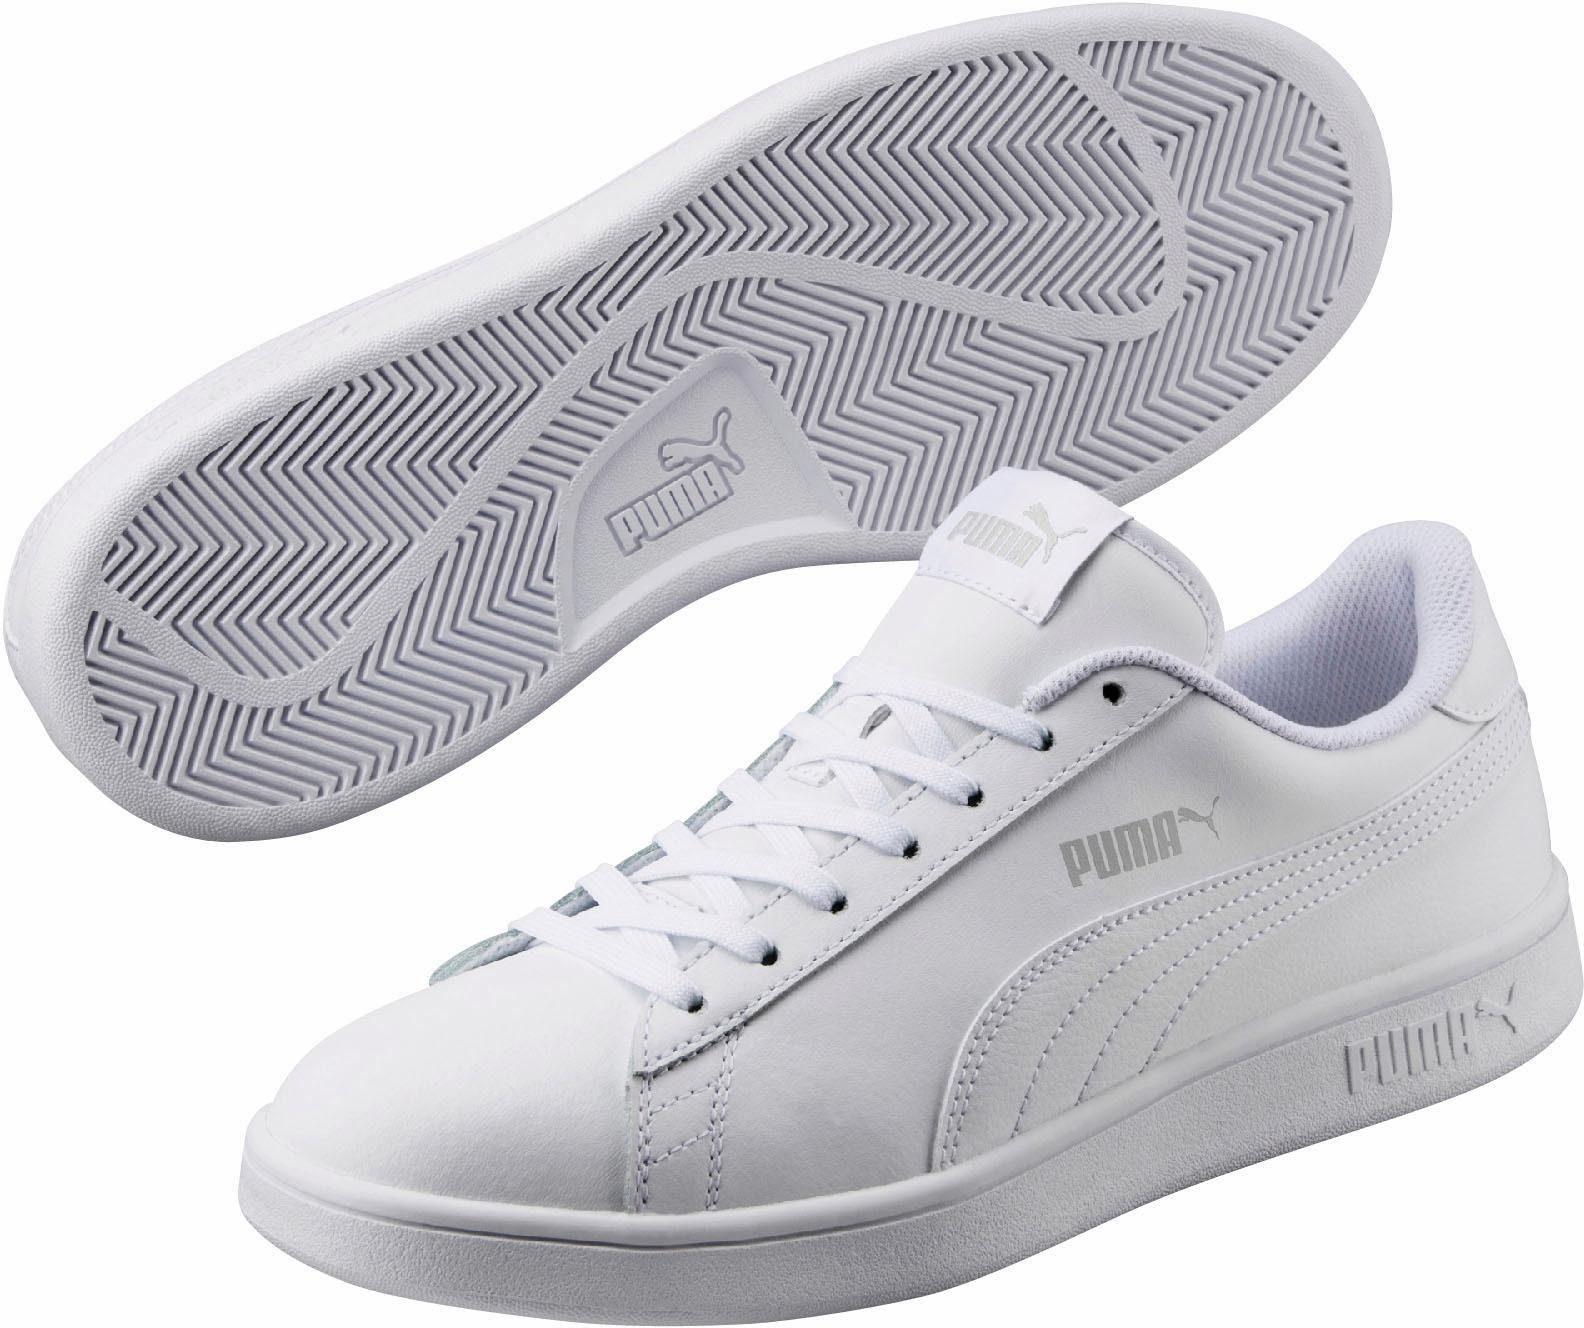 PUMA »Smash v2 L« Sneaker, Gepolsterter Einstieg für mehr Tragekomfort online kaufen | OTTO